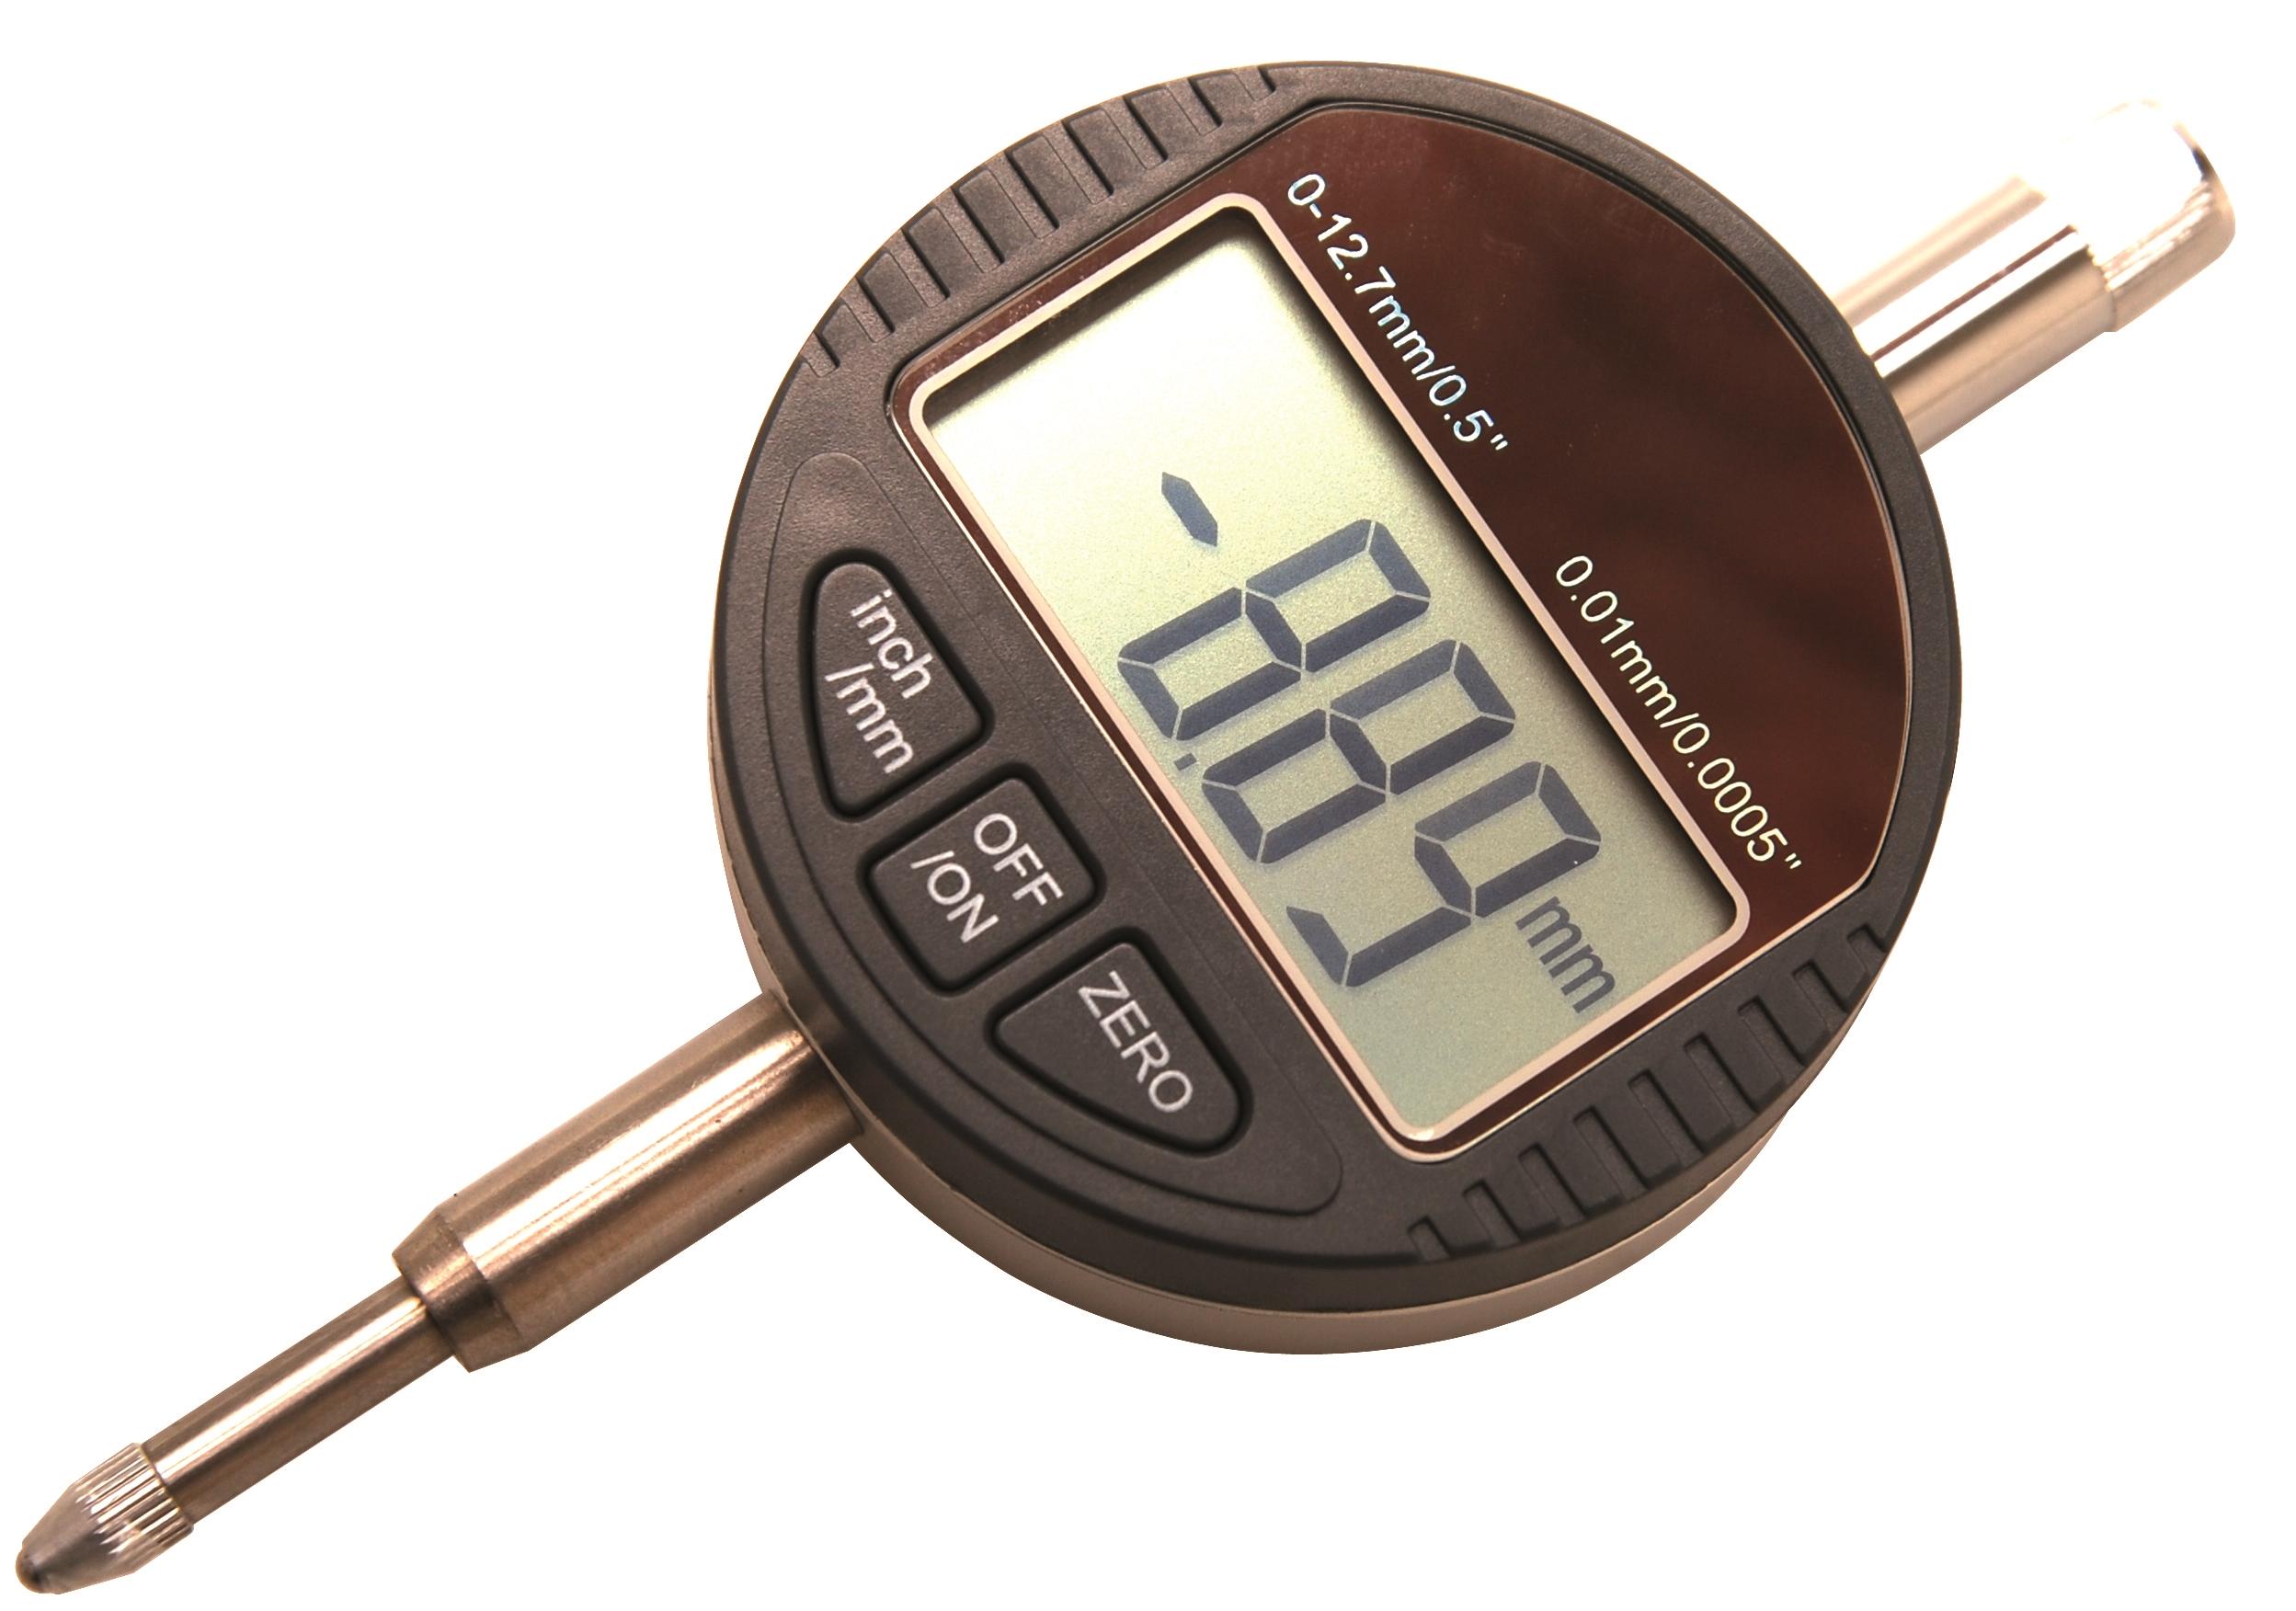 BGS Digital-Messuhr 0-12,7 mm Rundskala OT-Finder Rundlaufmessung Messinstrument